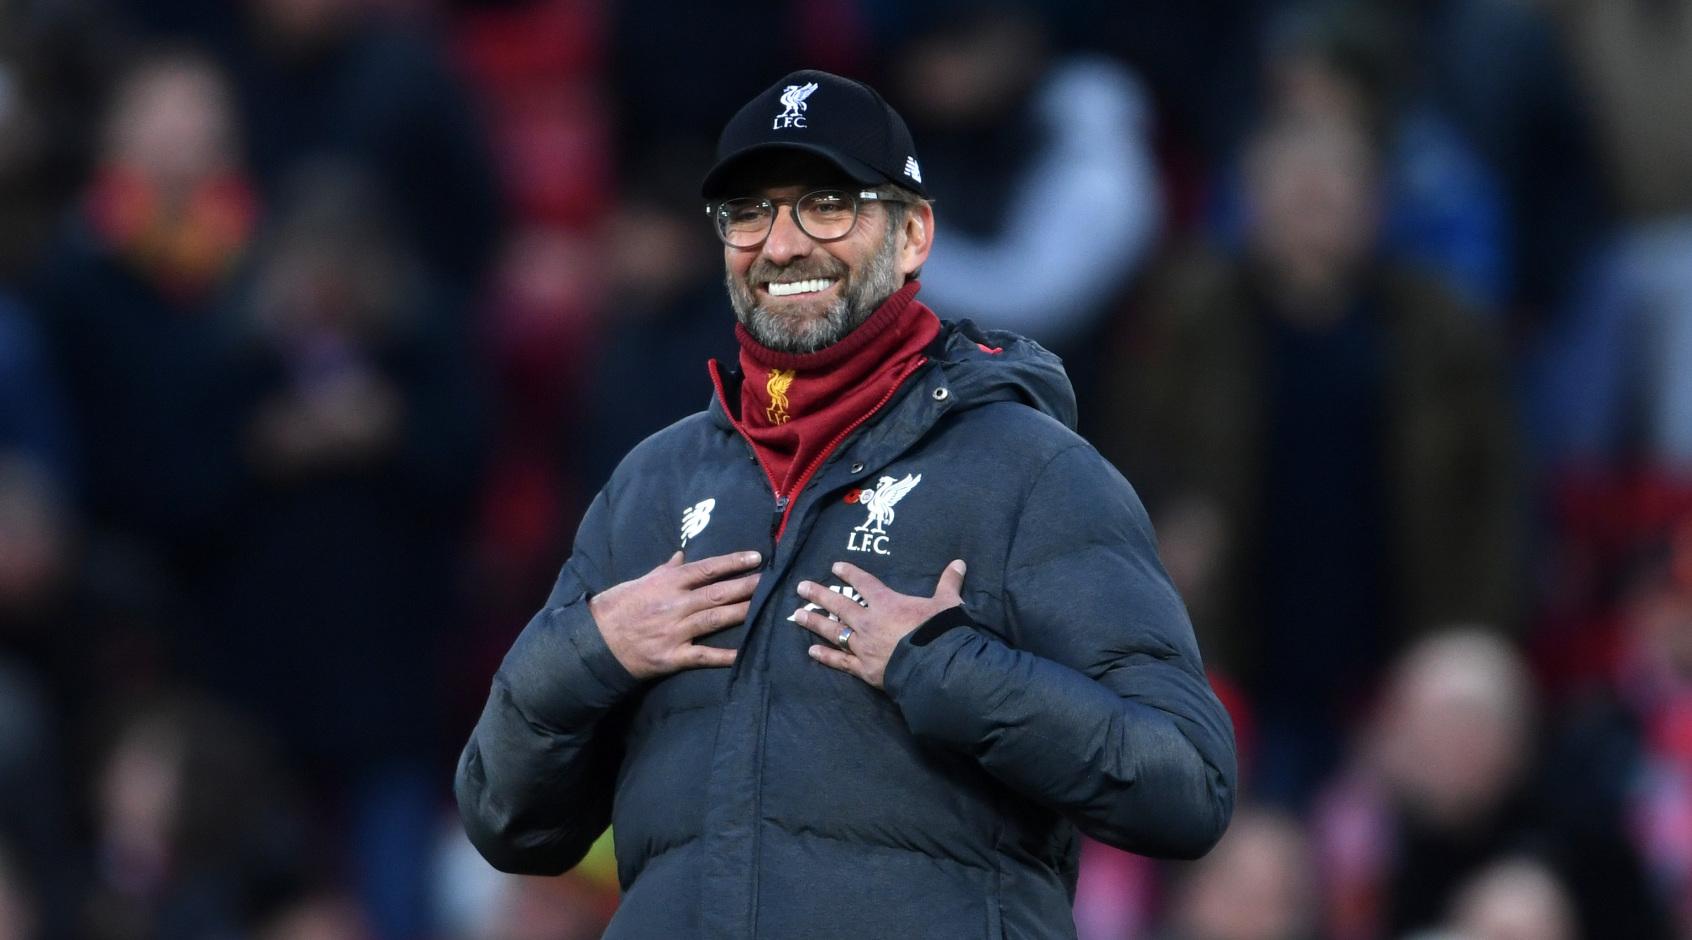 """Спортивные журналисты признали """"Ливерпуль"""" лучшей командой 2019-го года"""